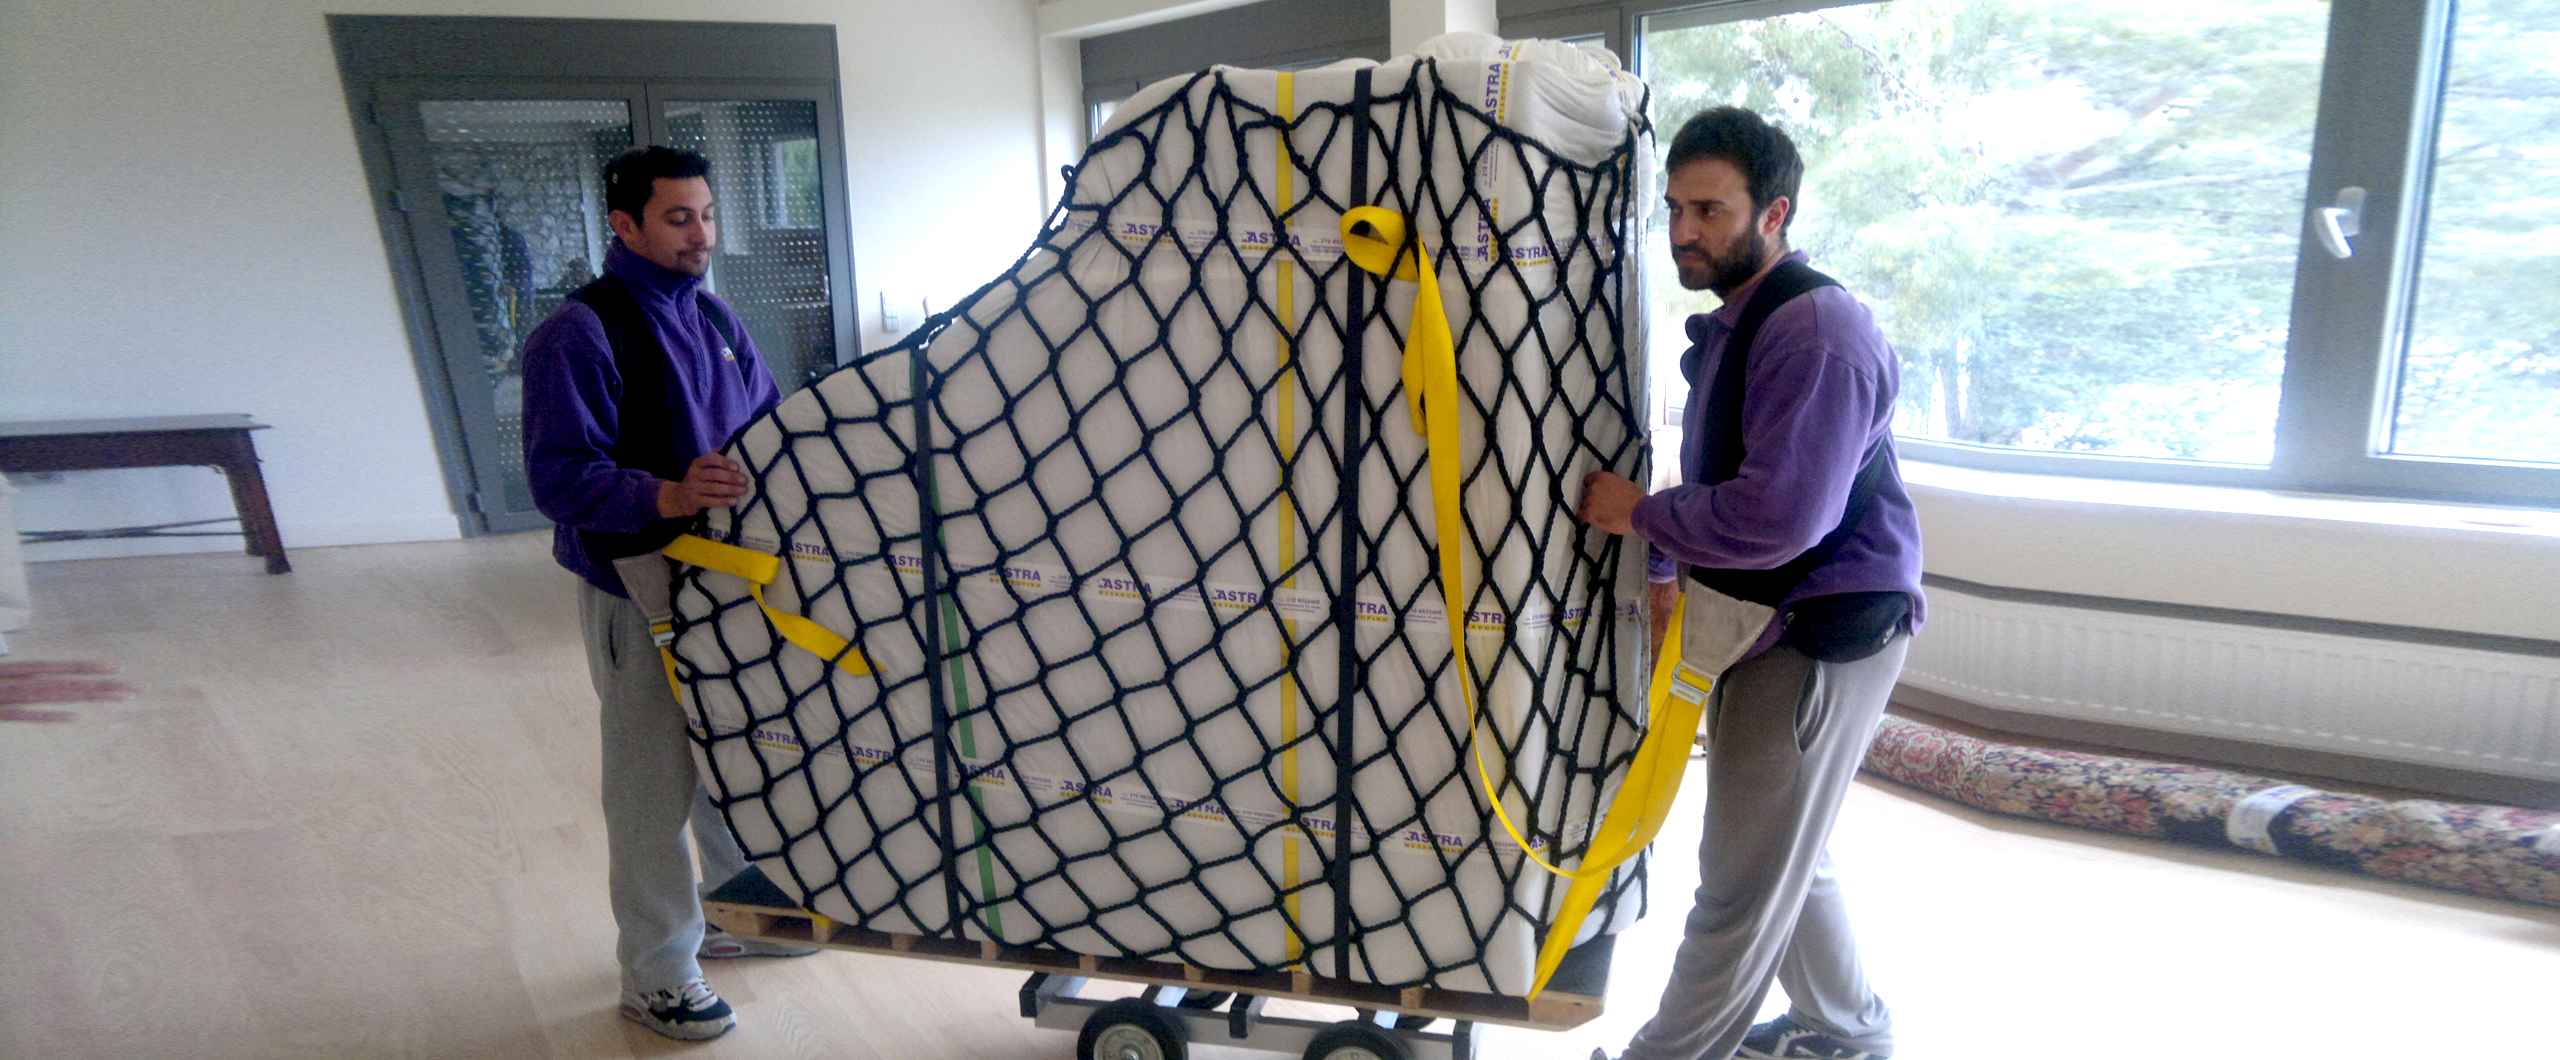 Τοποθέτηση δίχτυ σε πιάνο για μεταφορά